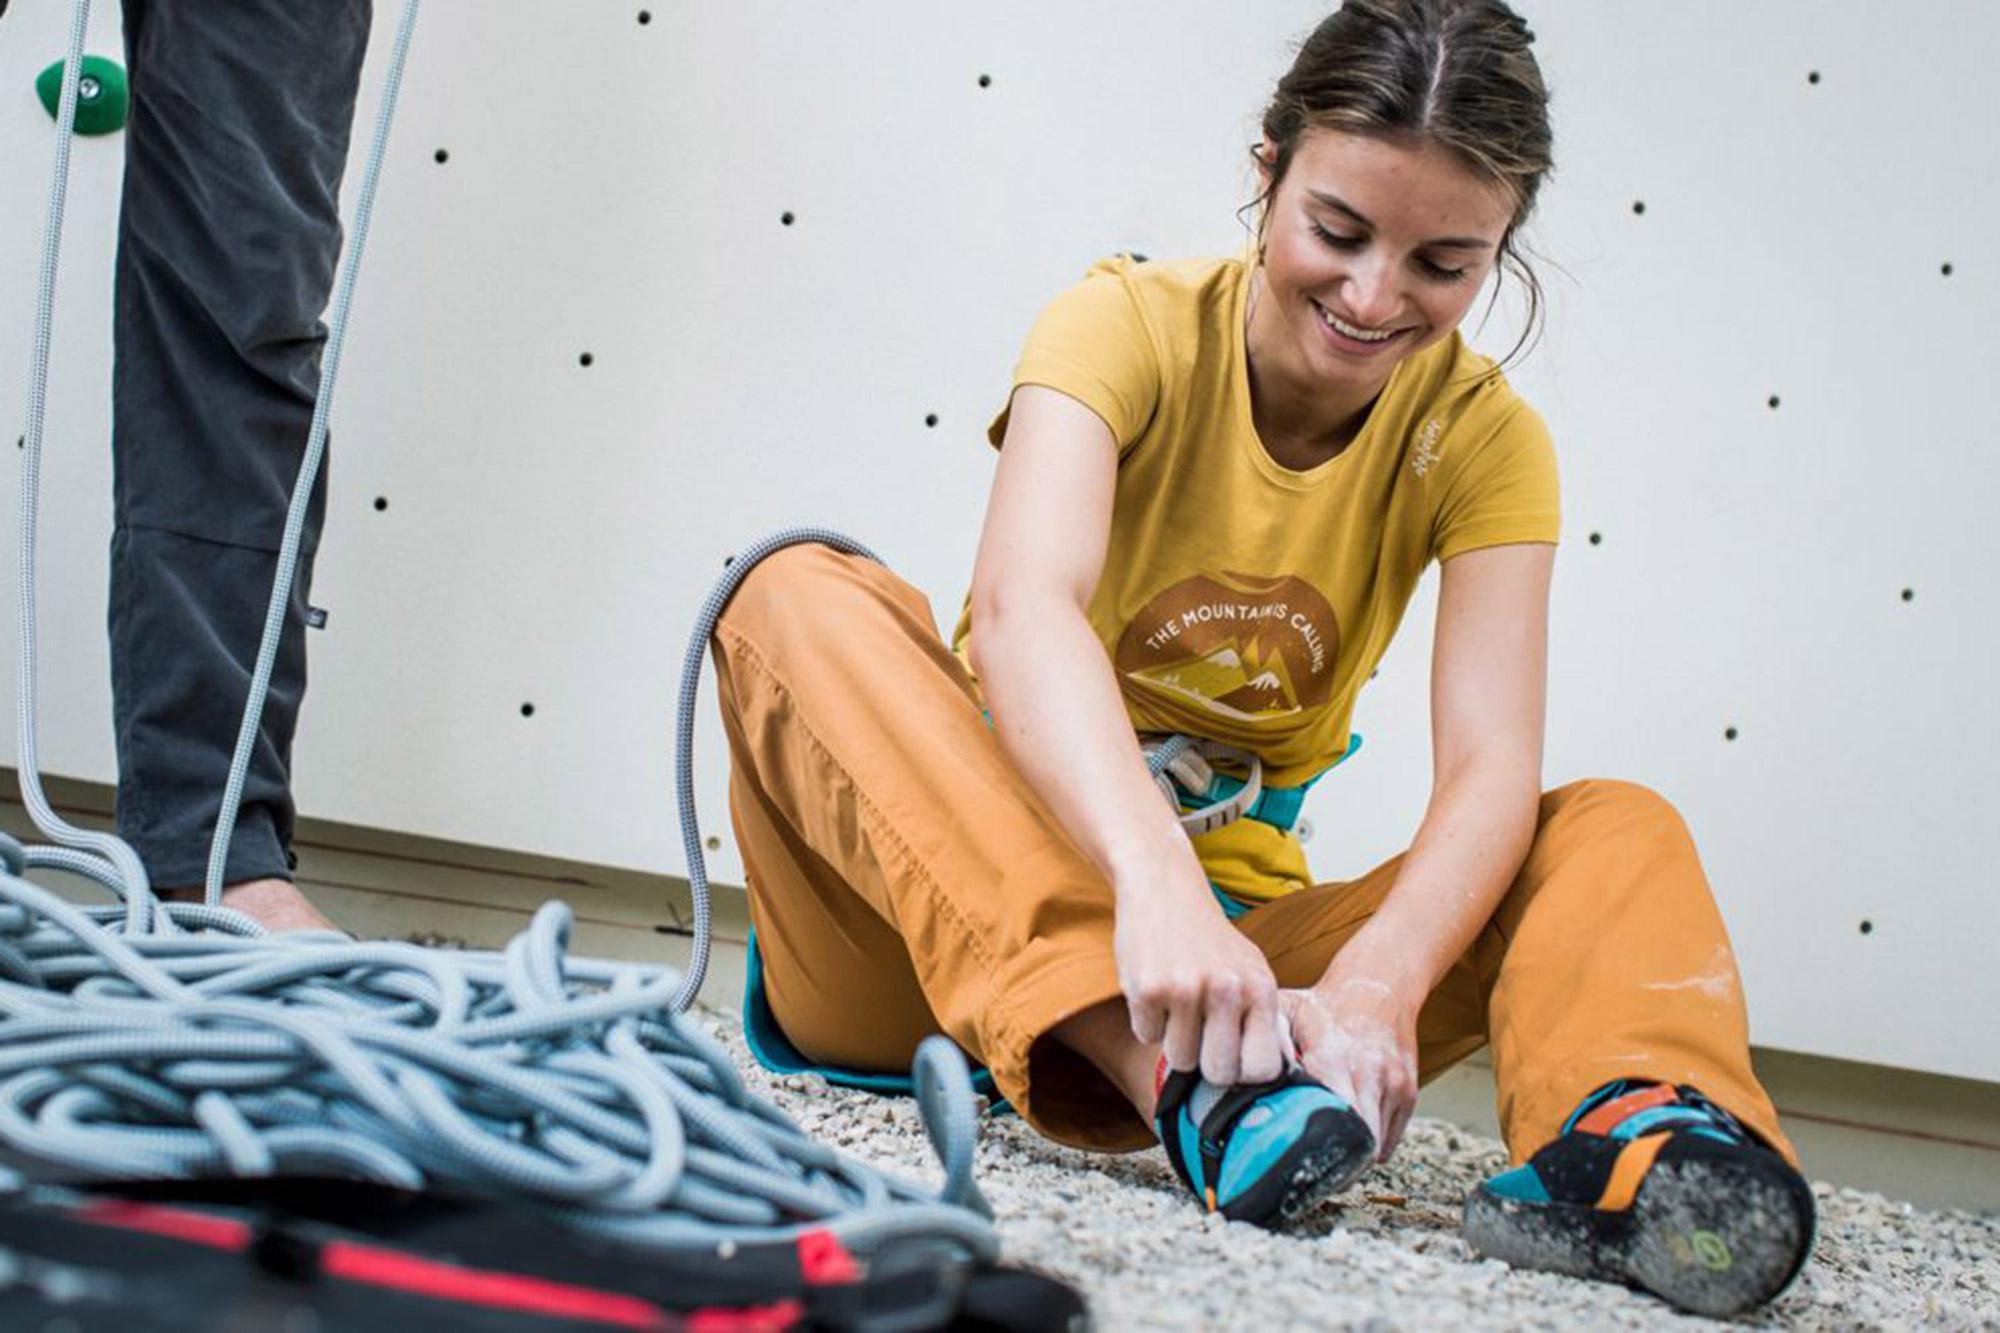 10 Migliori scarpette da arrampicata: Guida all'acquisto11 min read